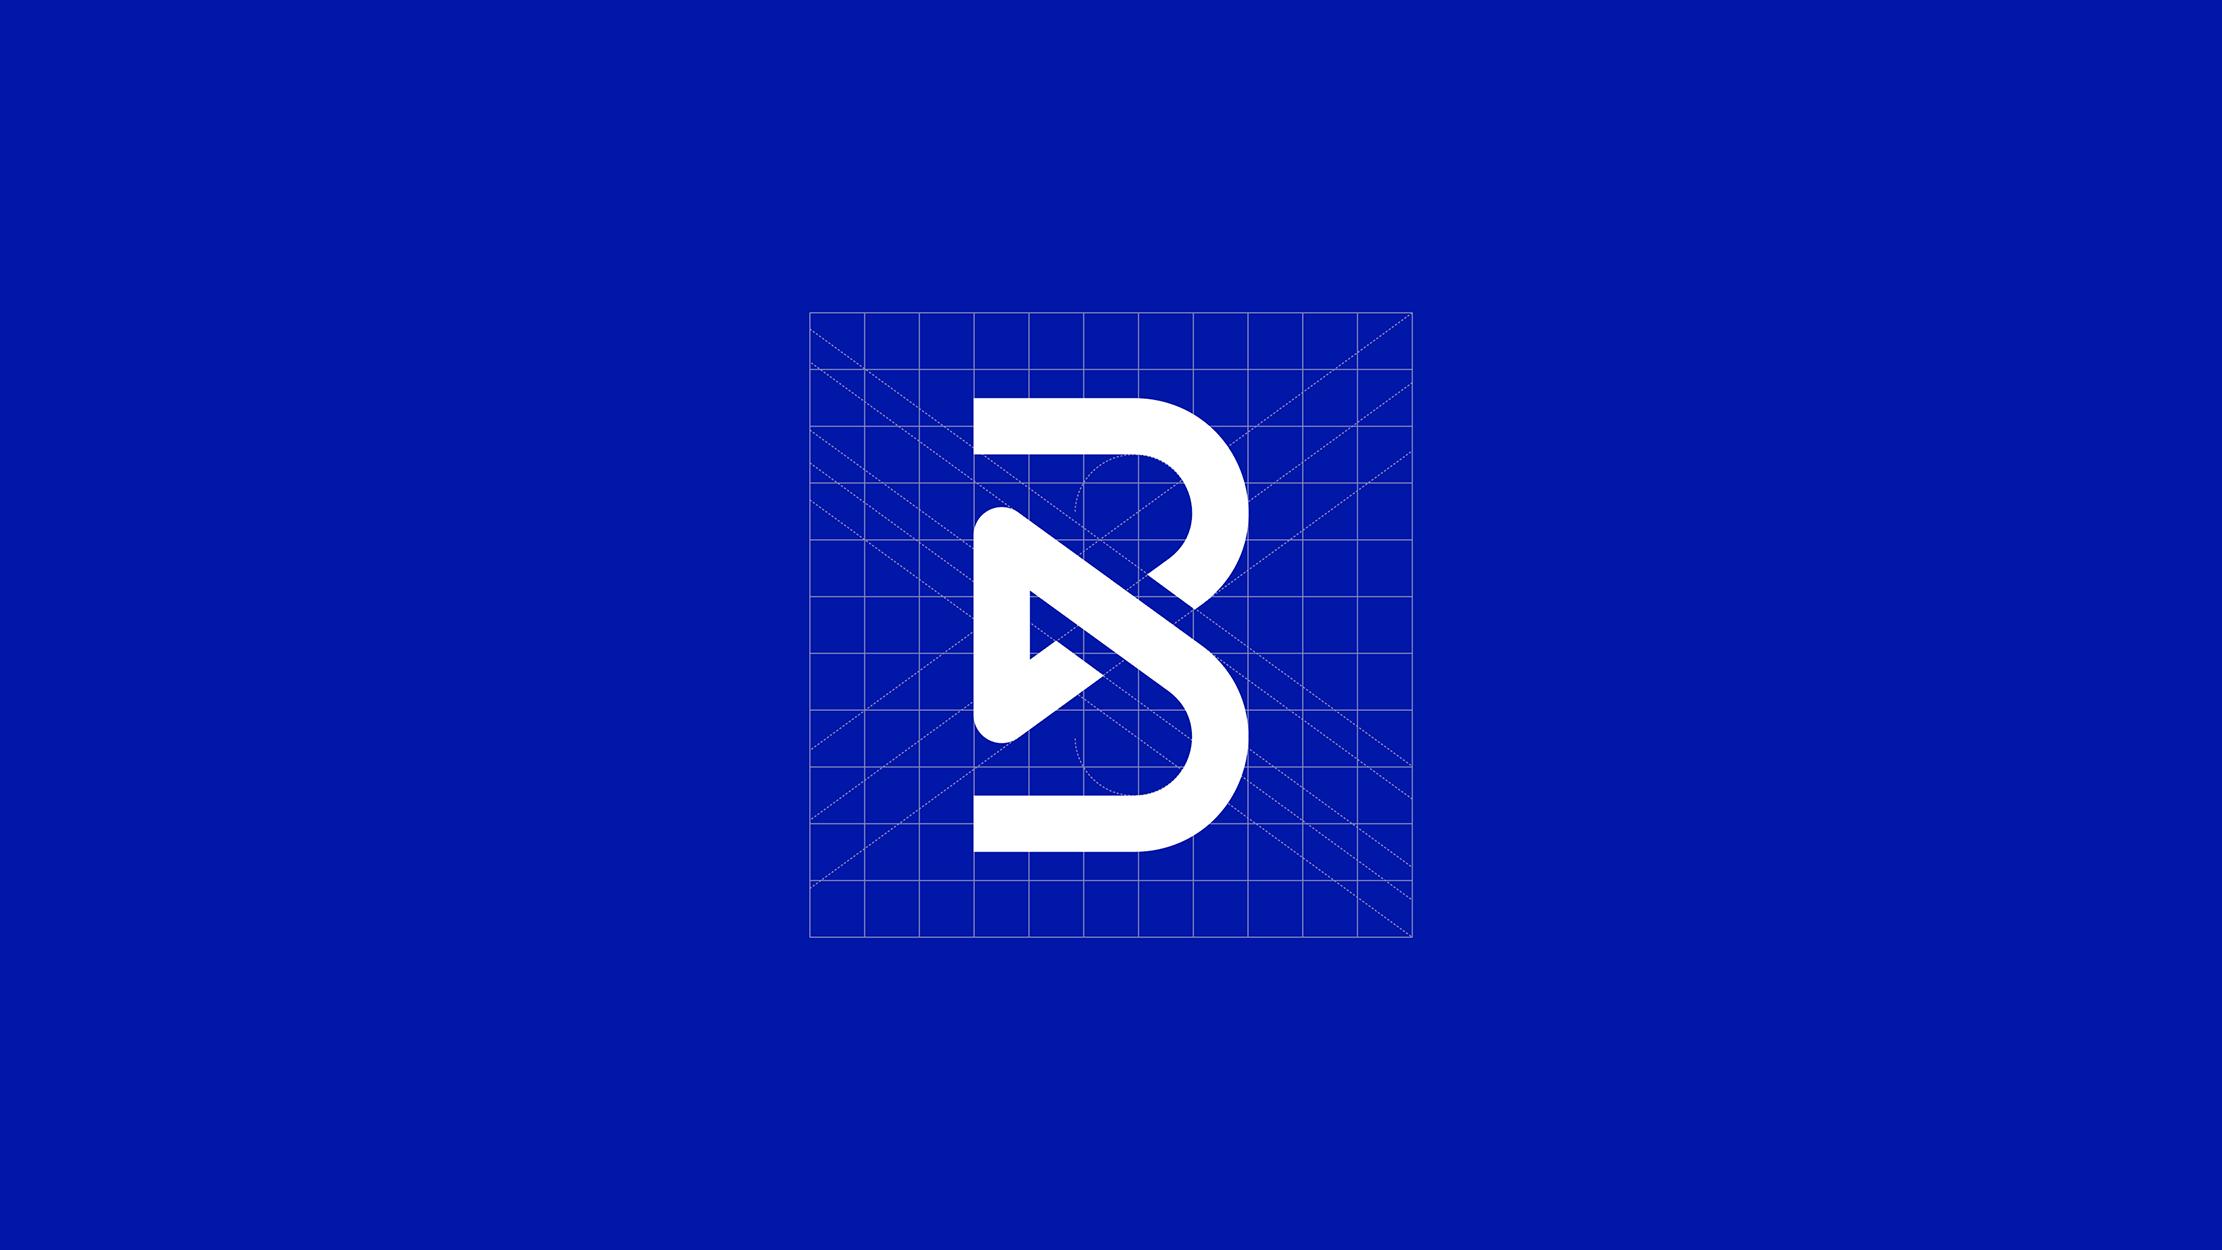 2020-0116_PRES-Blend_v061